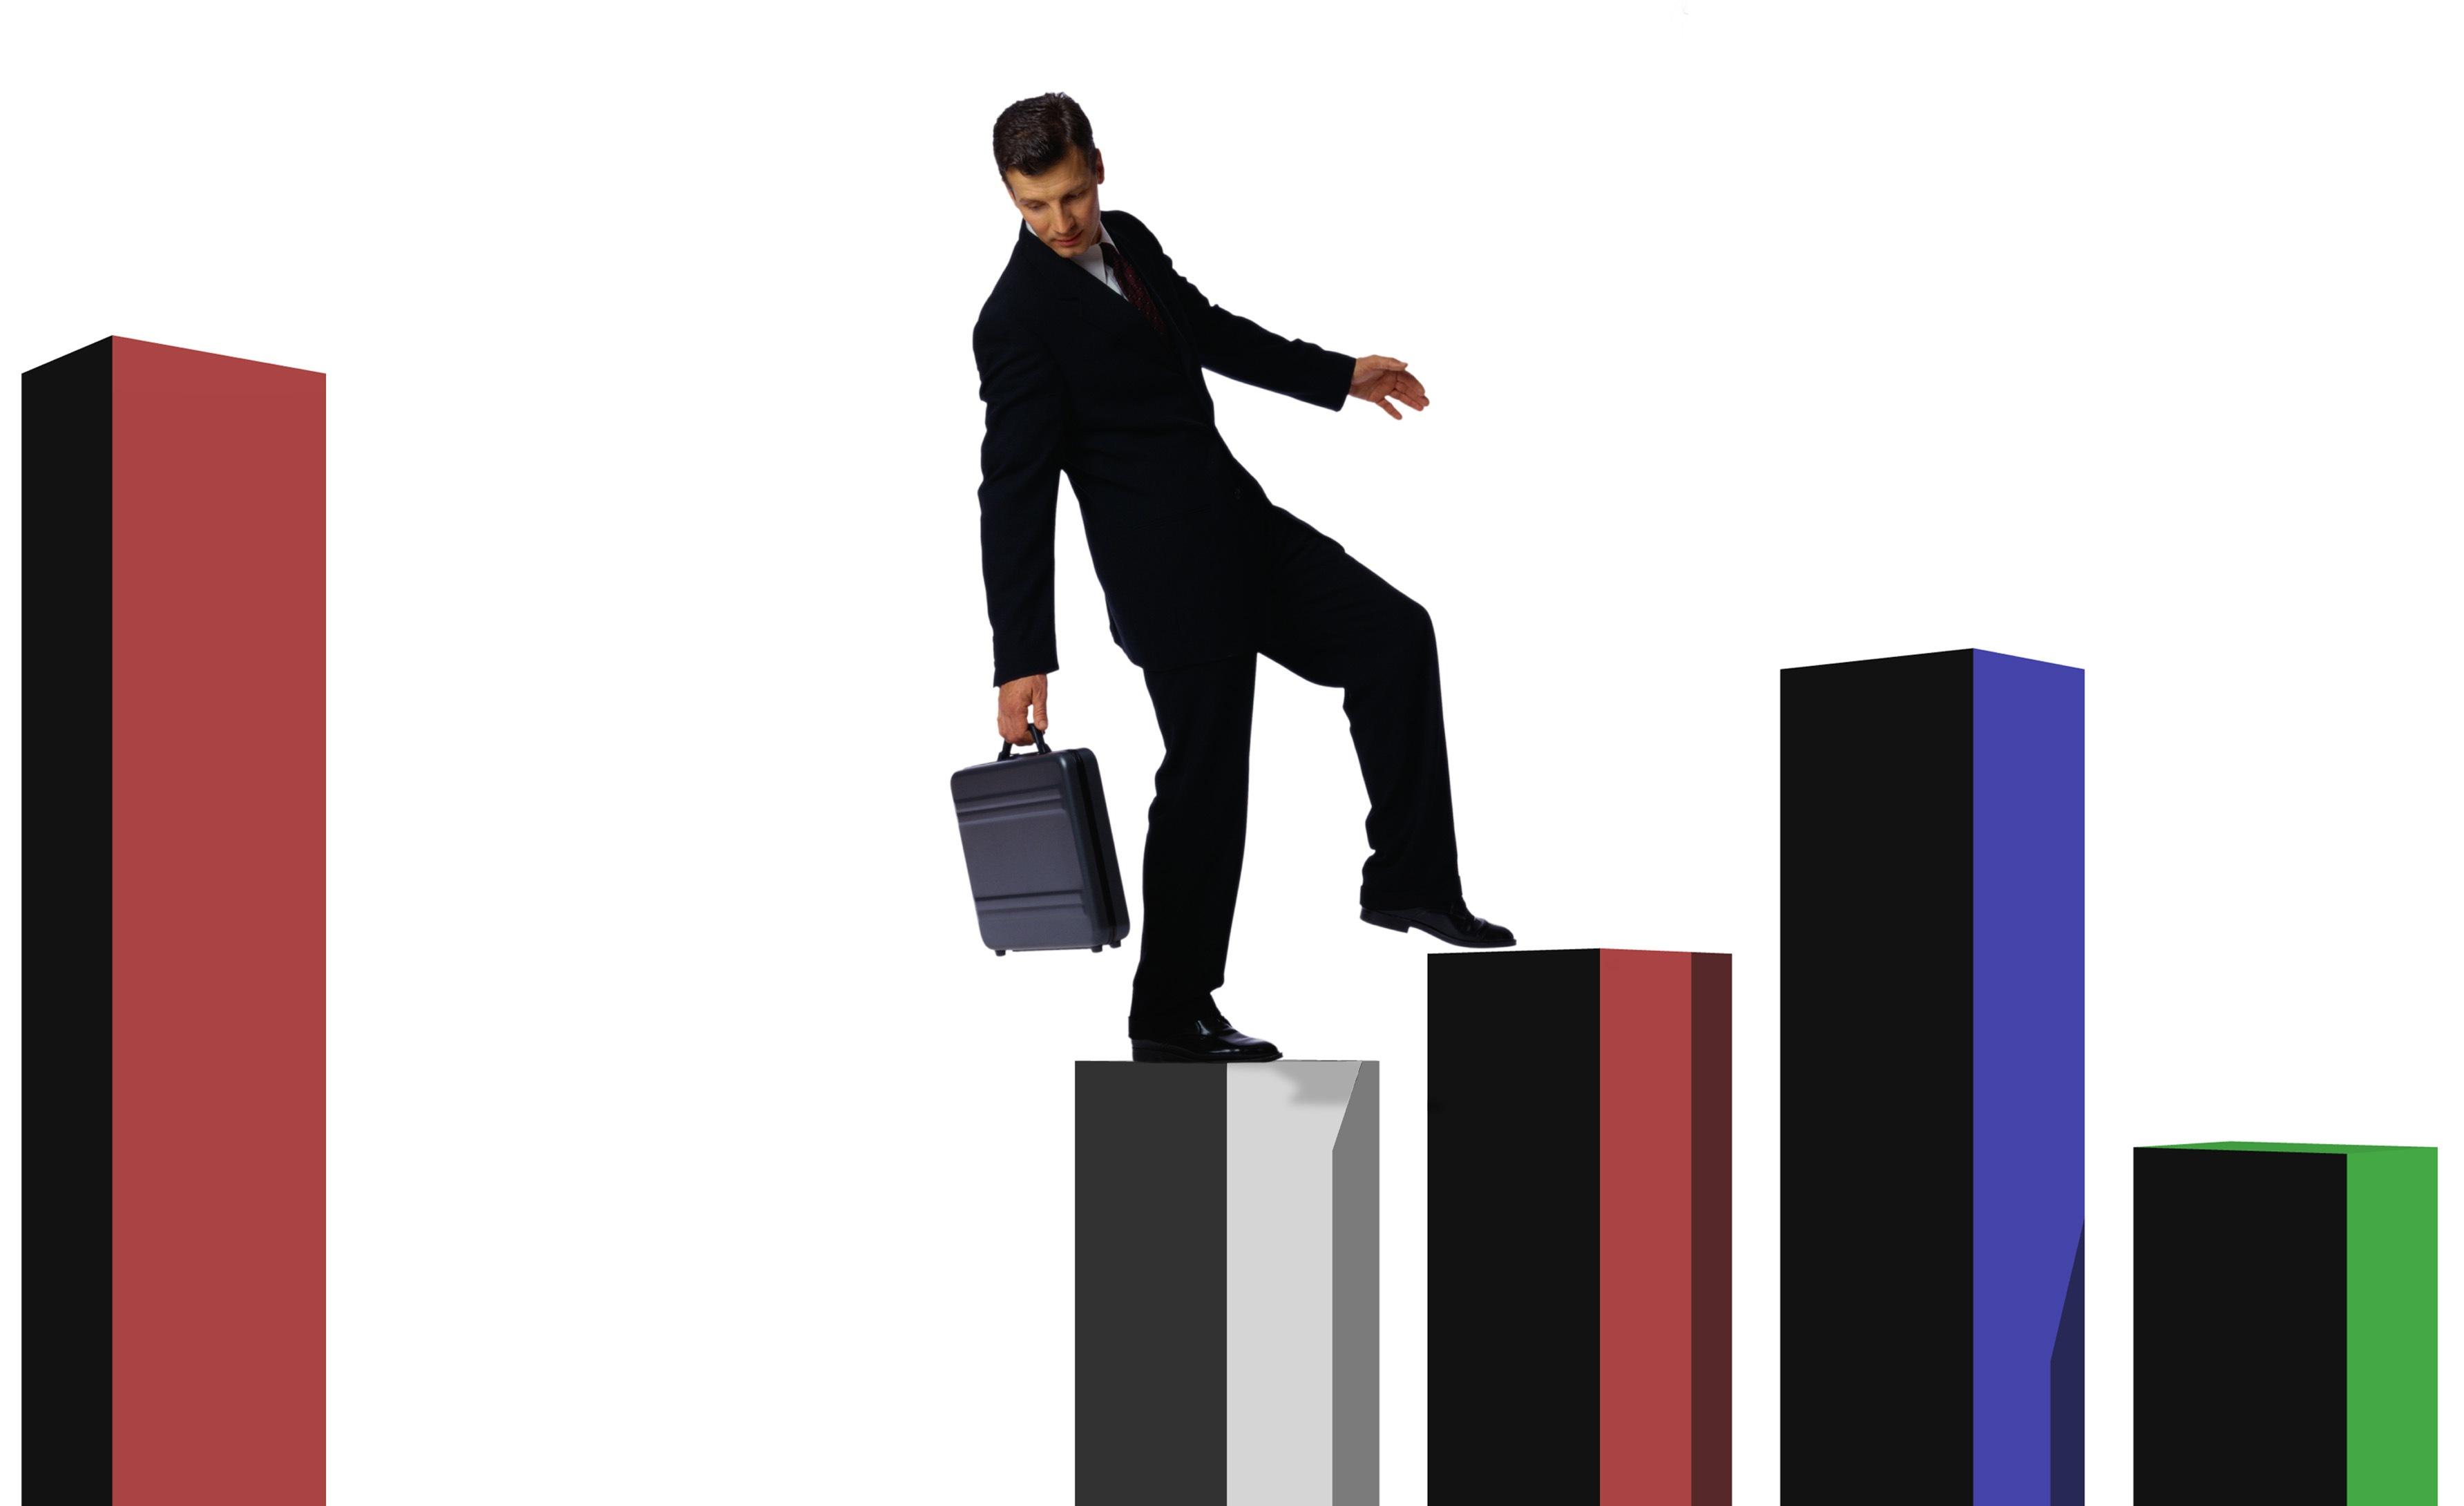 Об этом свидетельствуют данные рейтингового агентства «РИА Рейтинг», которое рассчитало индекс кр